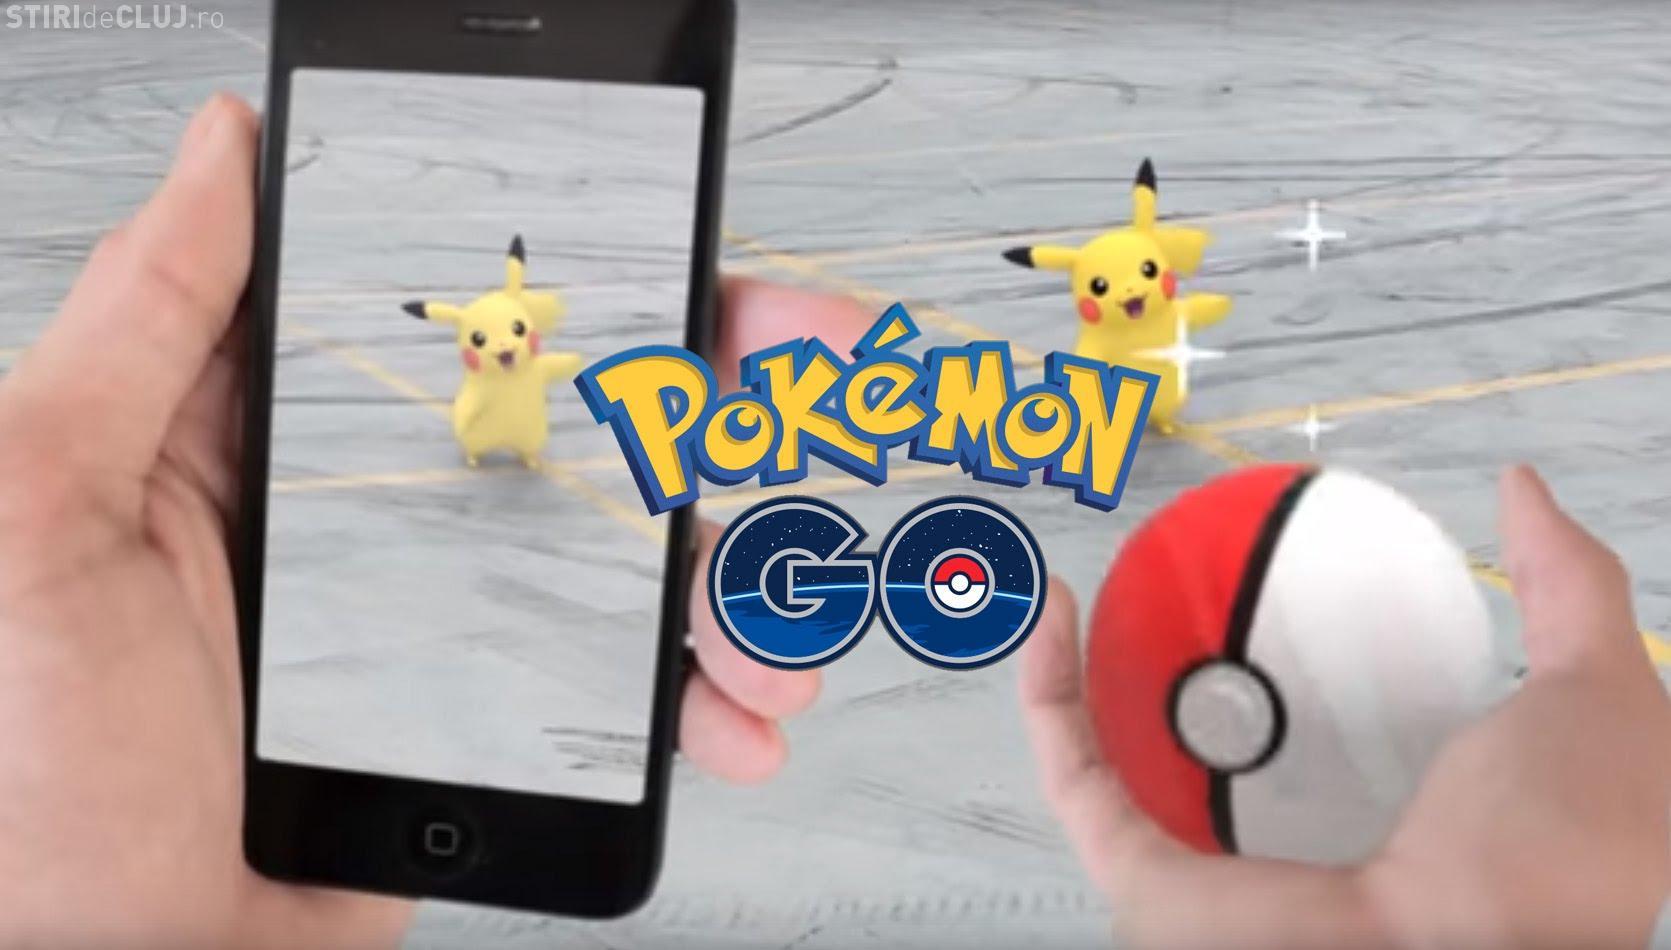 Pokemon Go a rupt recordurile! A devenit cel mai popular joc din istorie în doar 8 zile